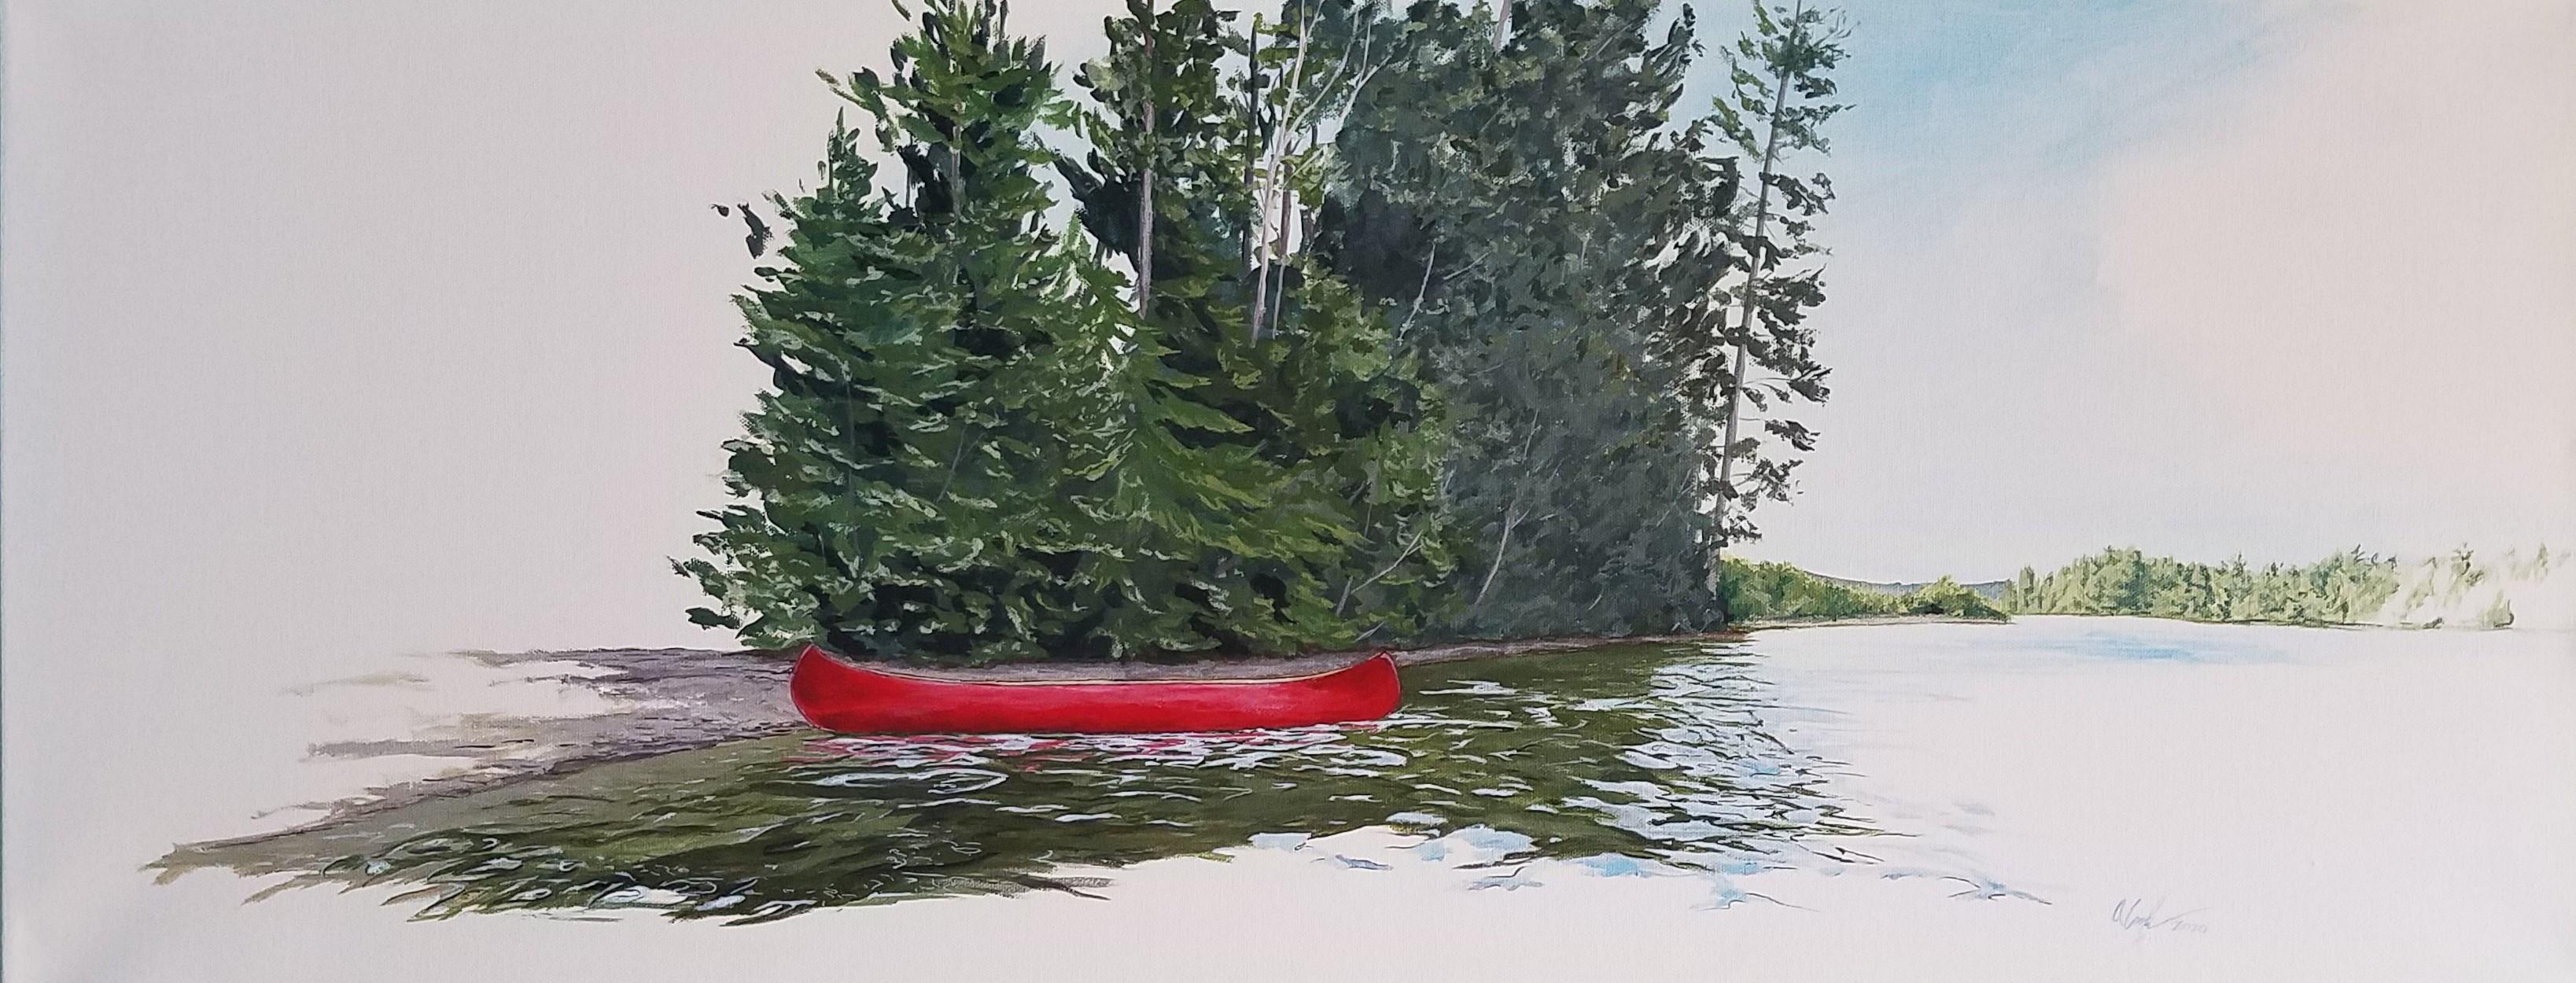 Resting Canoe #2